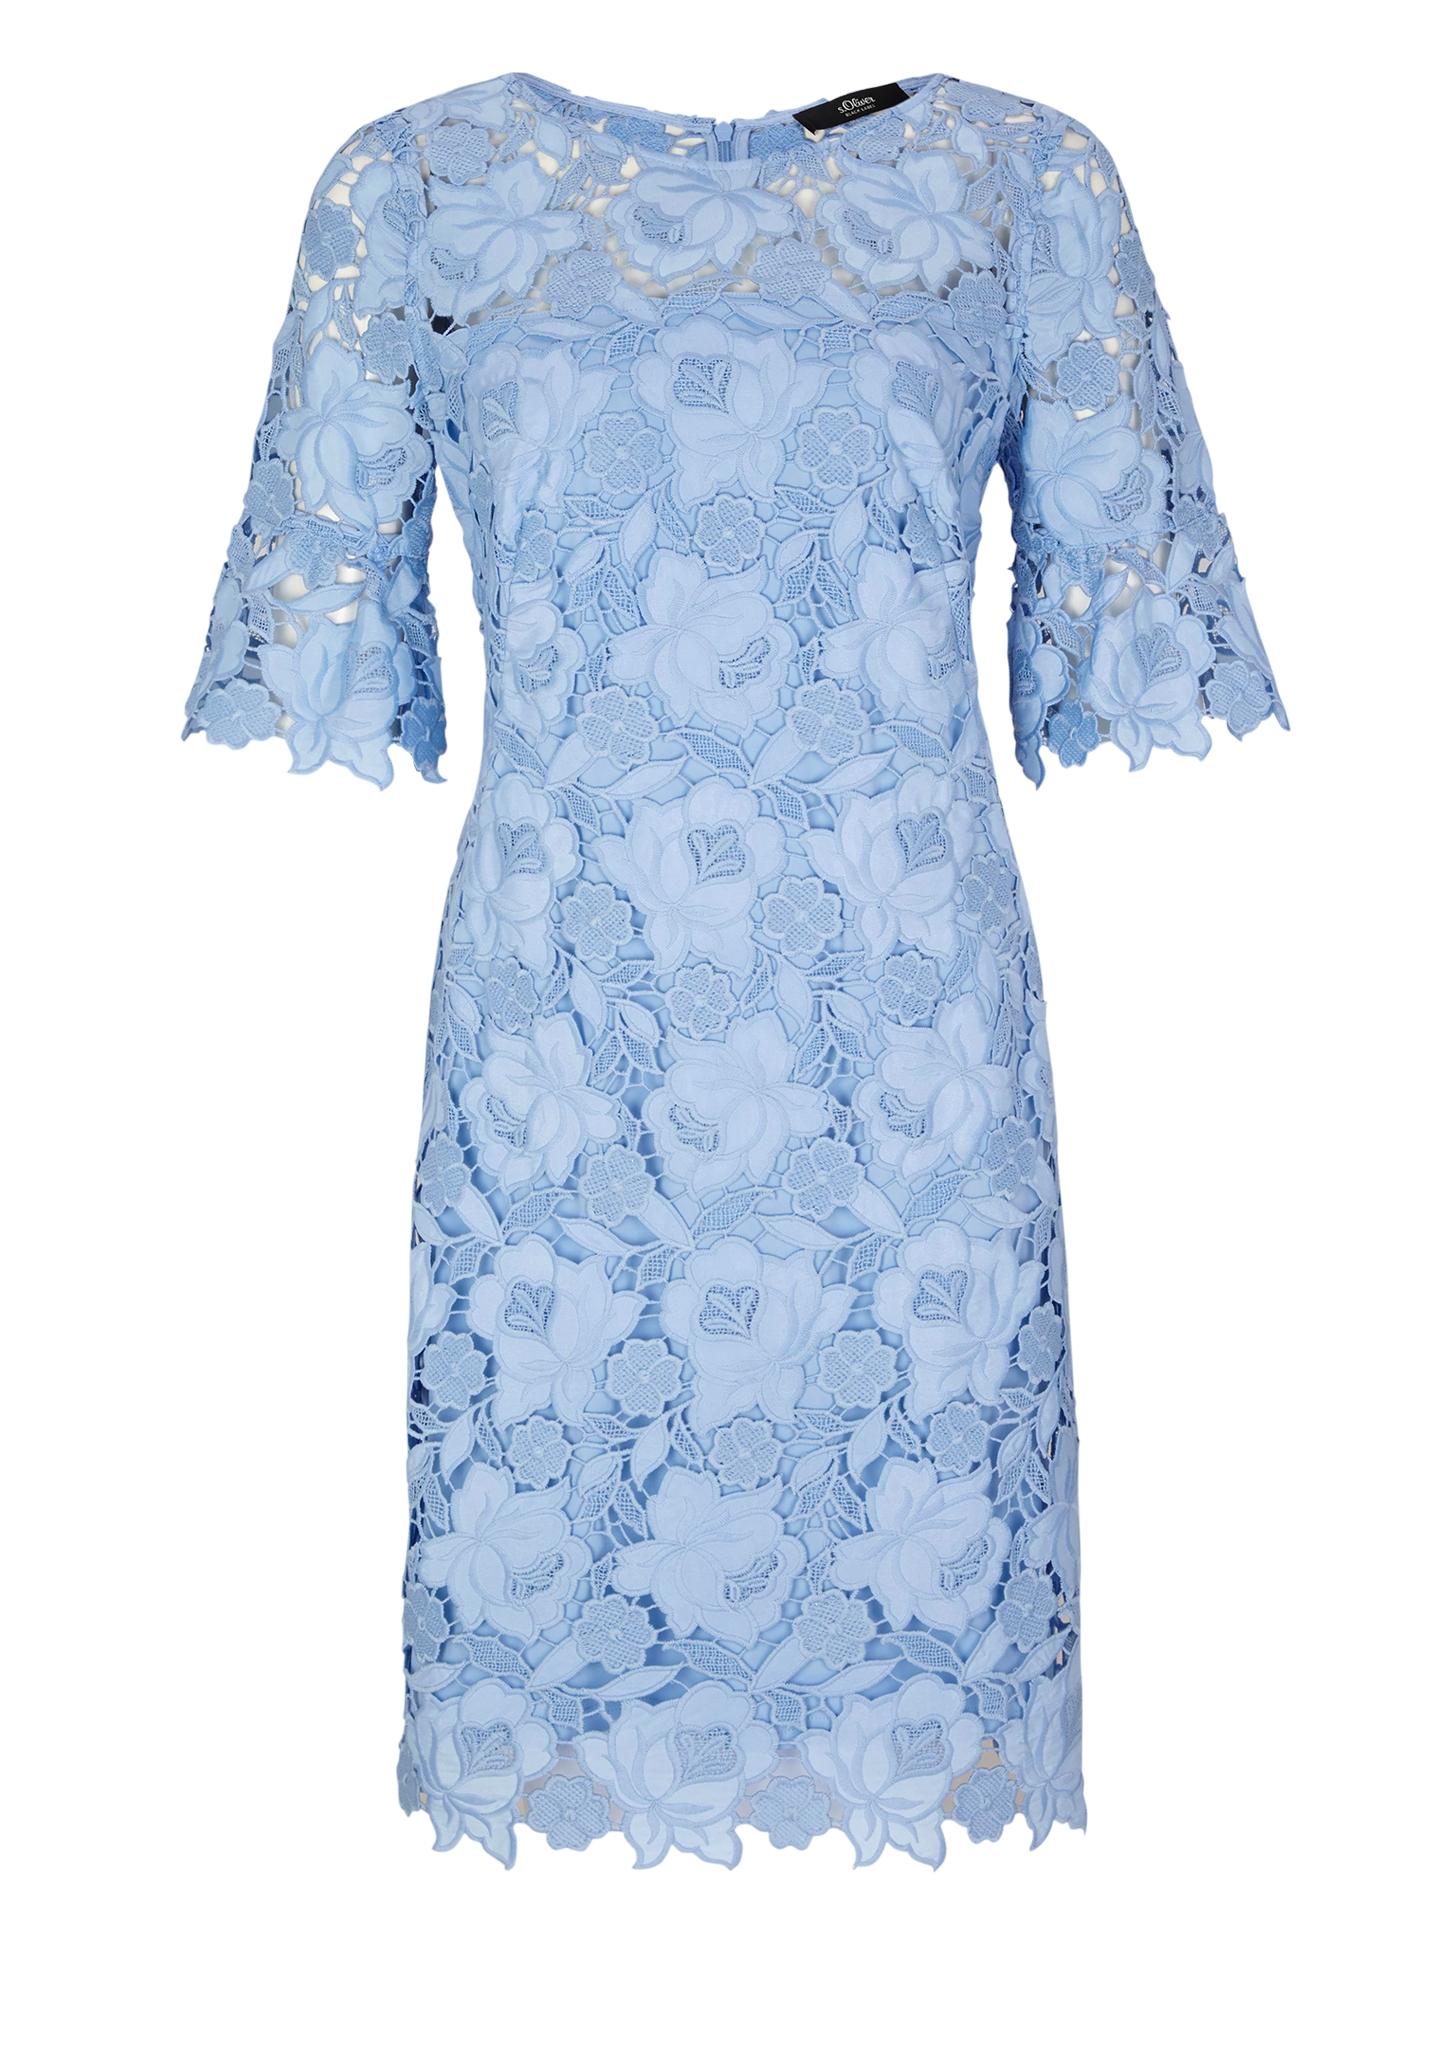 Spitzenkleid   Bekleidung > Kleider > Spitzenkleider   Blau   Obermaterial 100% polyester  futter 100% polyester   s.Oliver BLACK LABEL